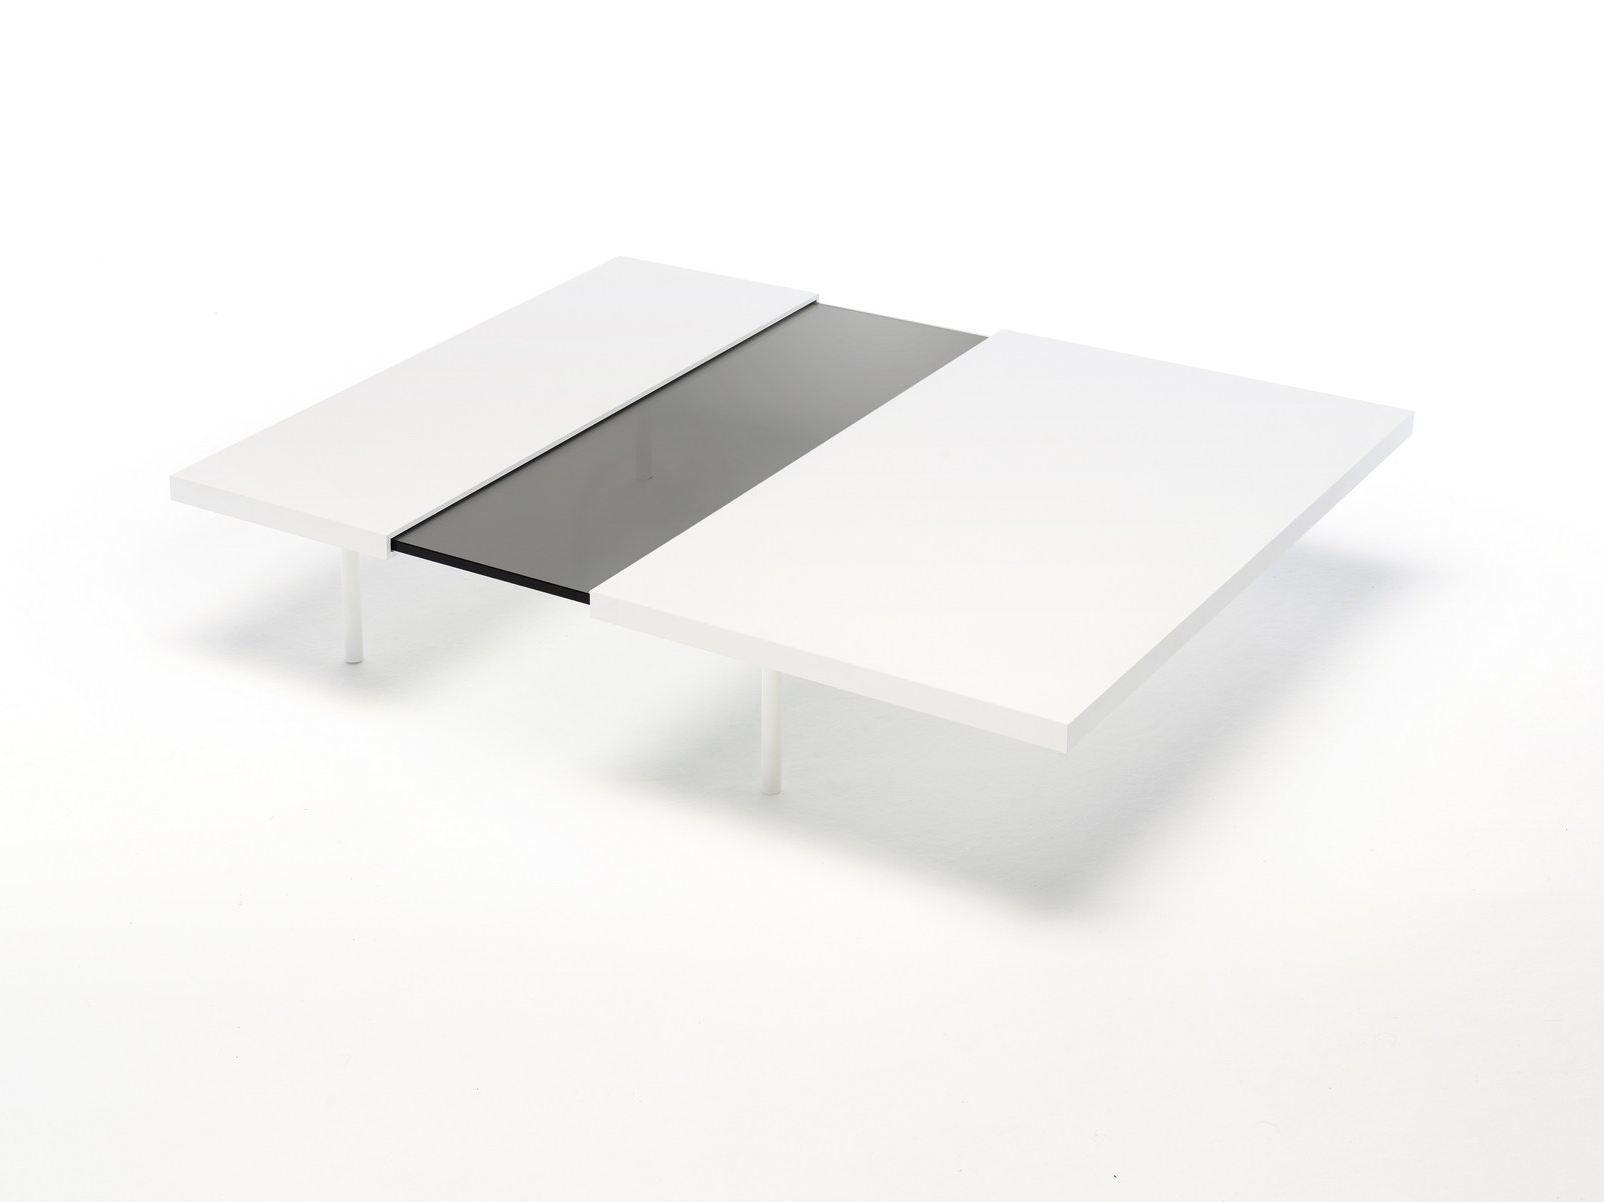 Tavolino allungabile da salotto step by living divani for Tavolino salotto allungabile